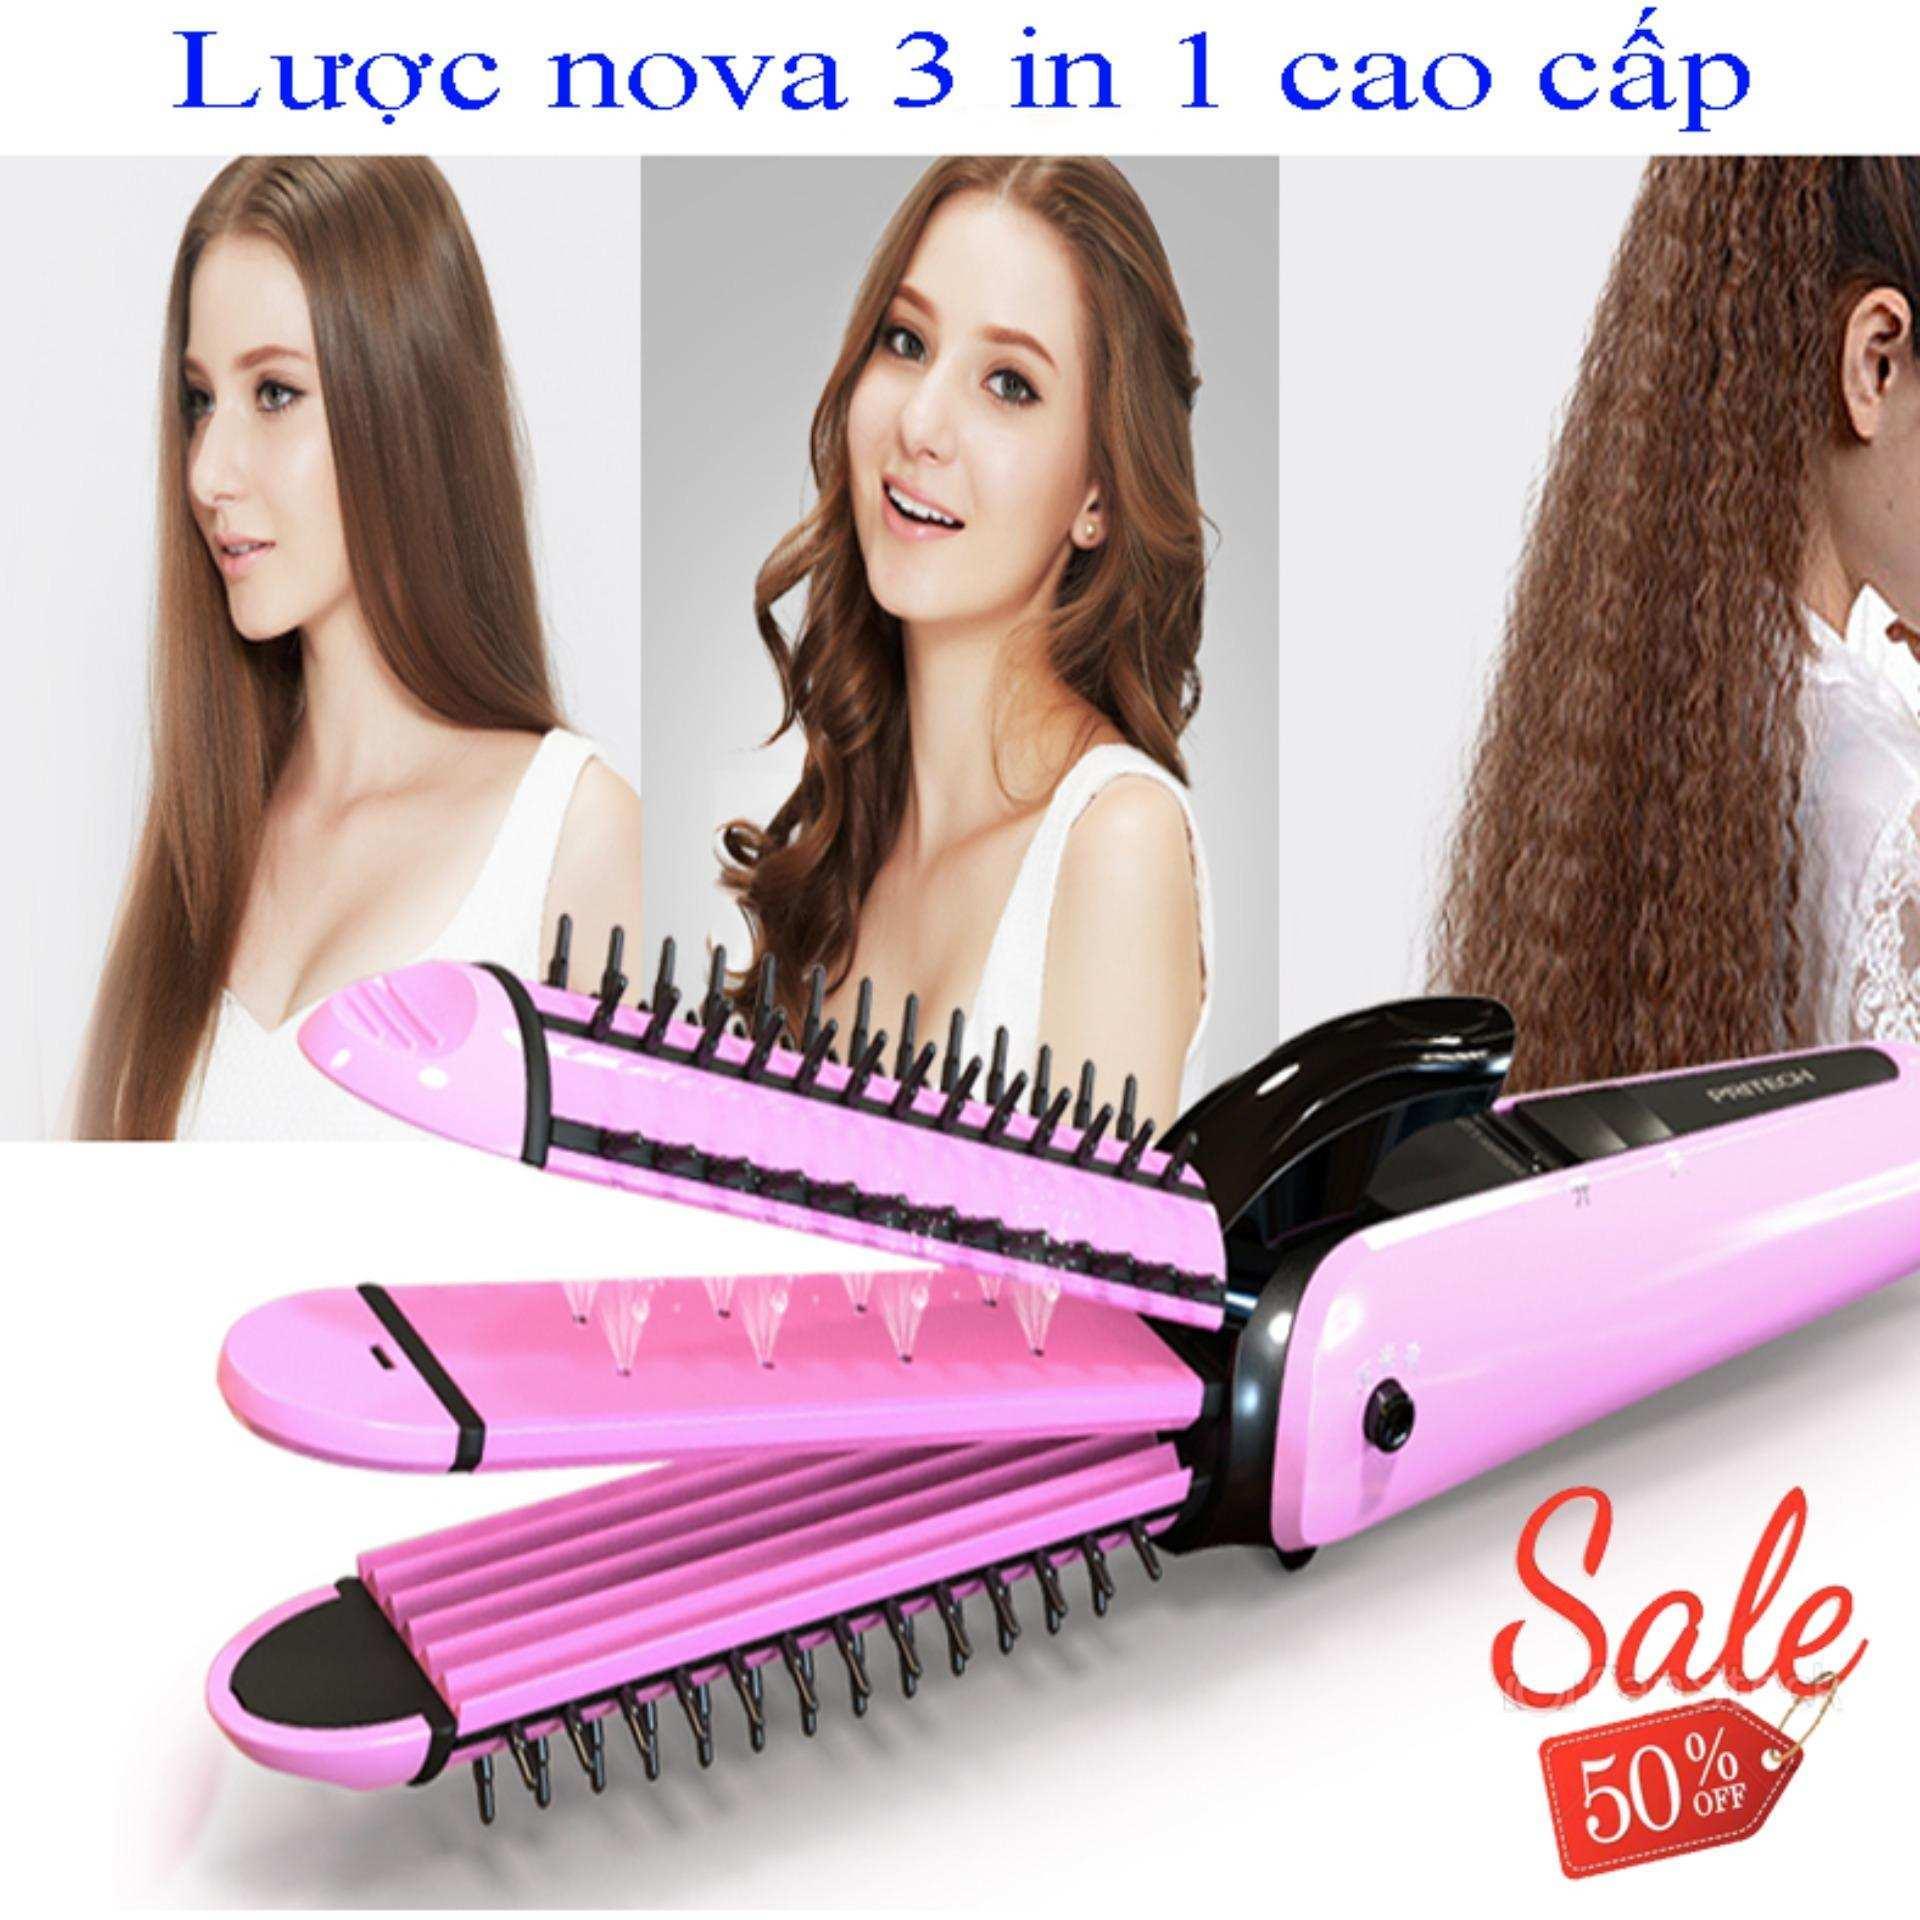 Lược làm tóc, Máy Uốn-Là-Dập tóc đa năng , Lược NOVA 3 trong 1, Uốn-Là-Dập 1 cách nhanh chóng tiện lợi dễ sử dụng,